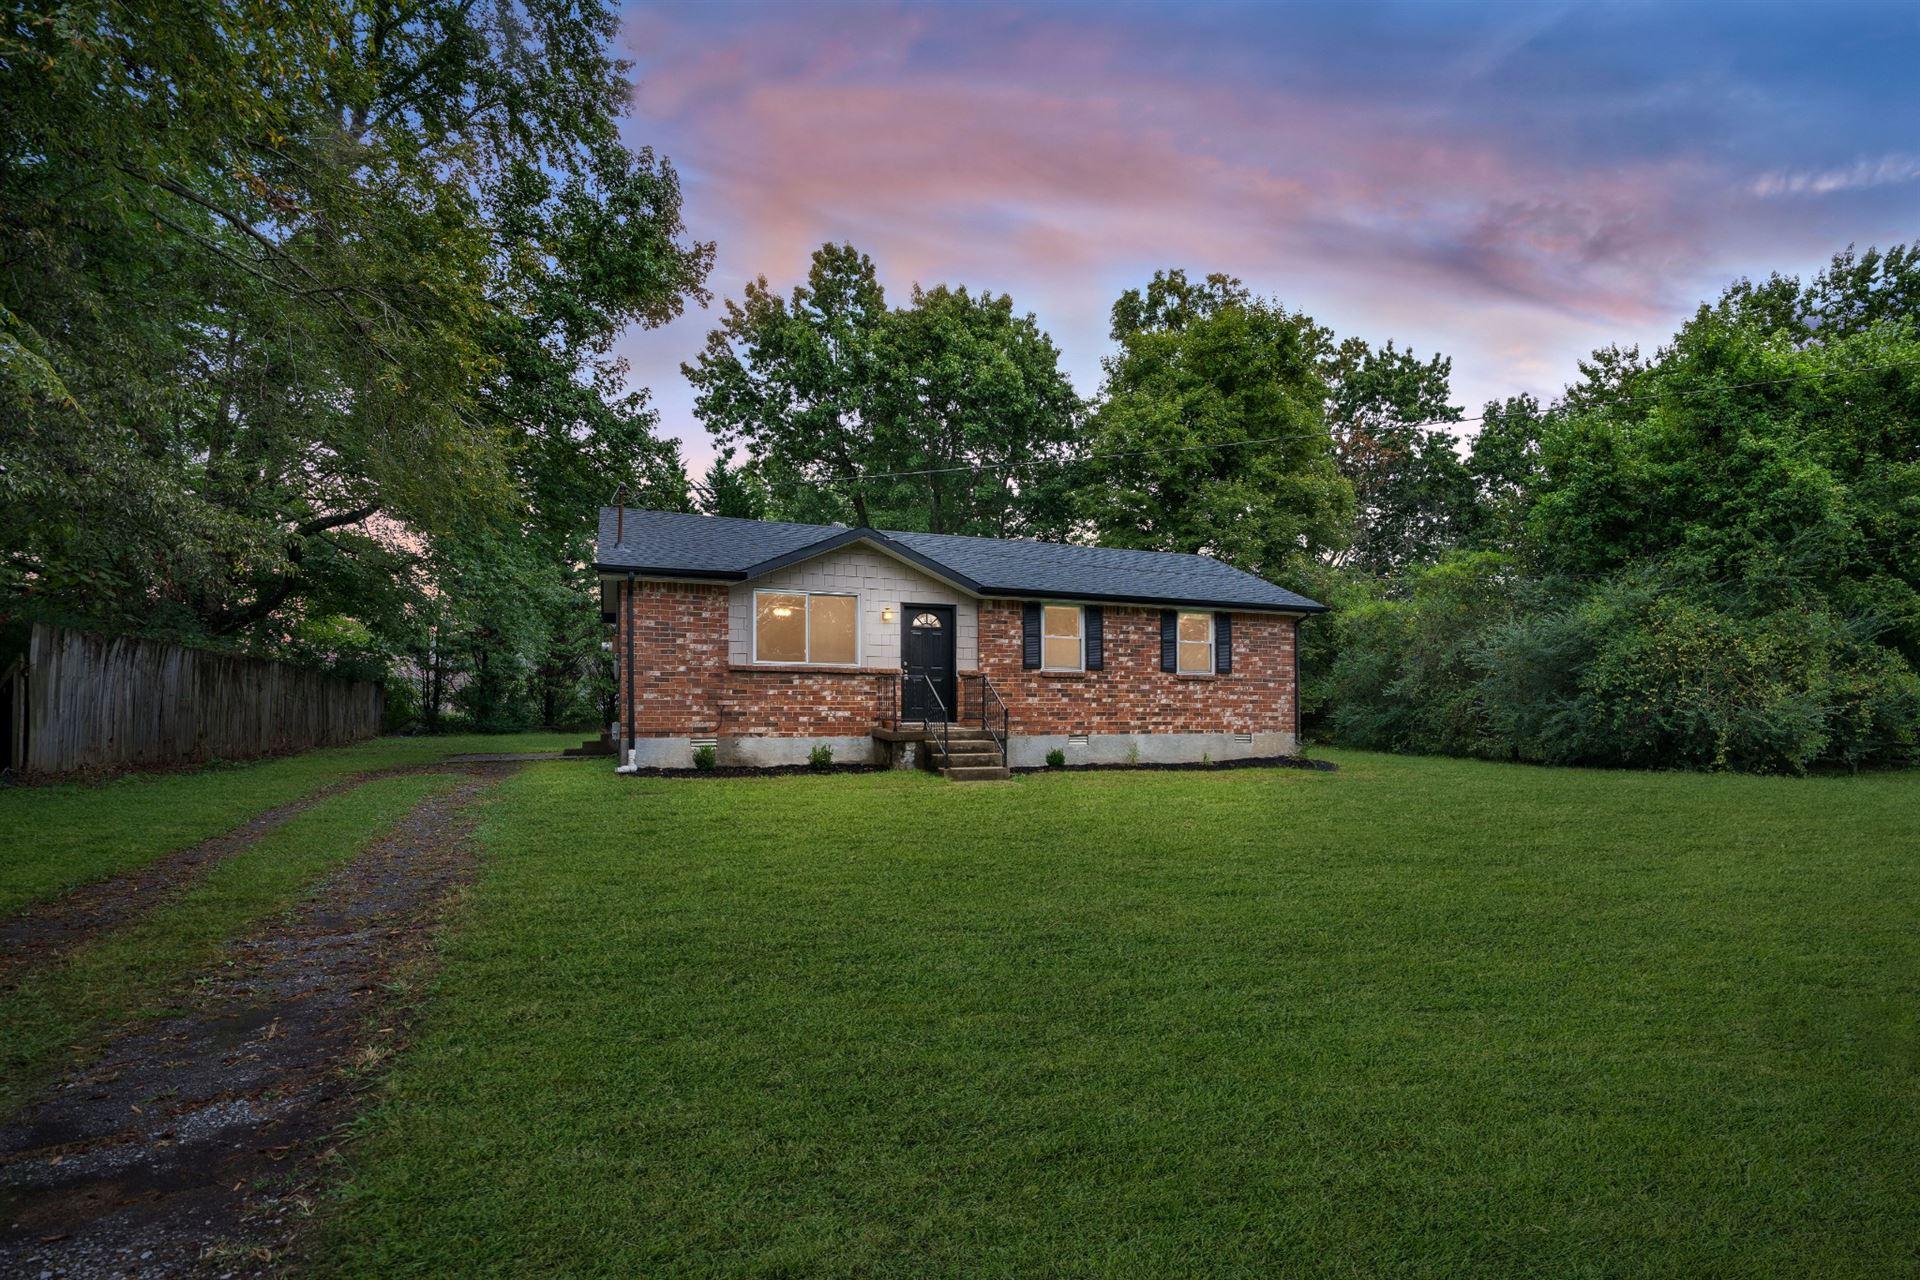 344 Woodale Dr, Clarksville, TN 37042 - MLS#: 2293276